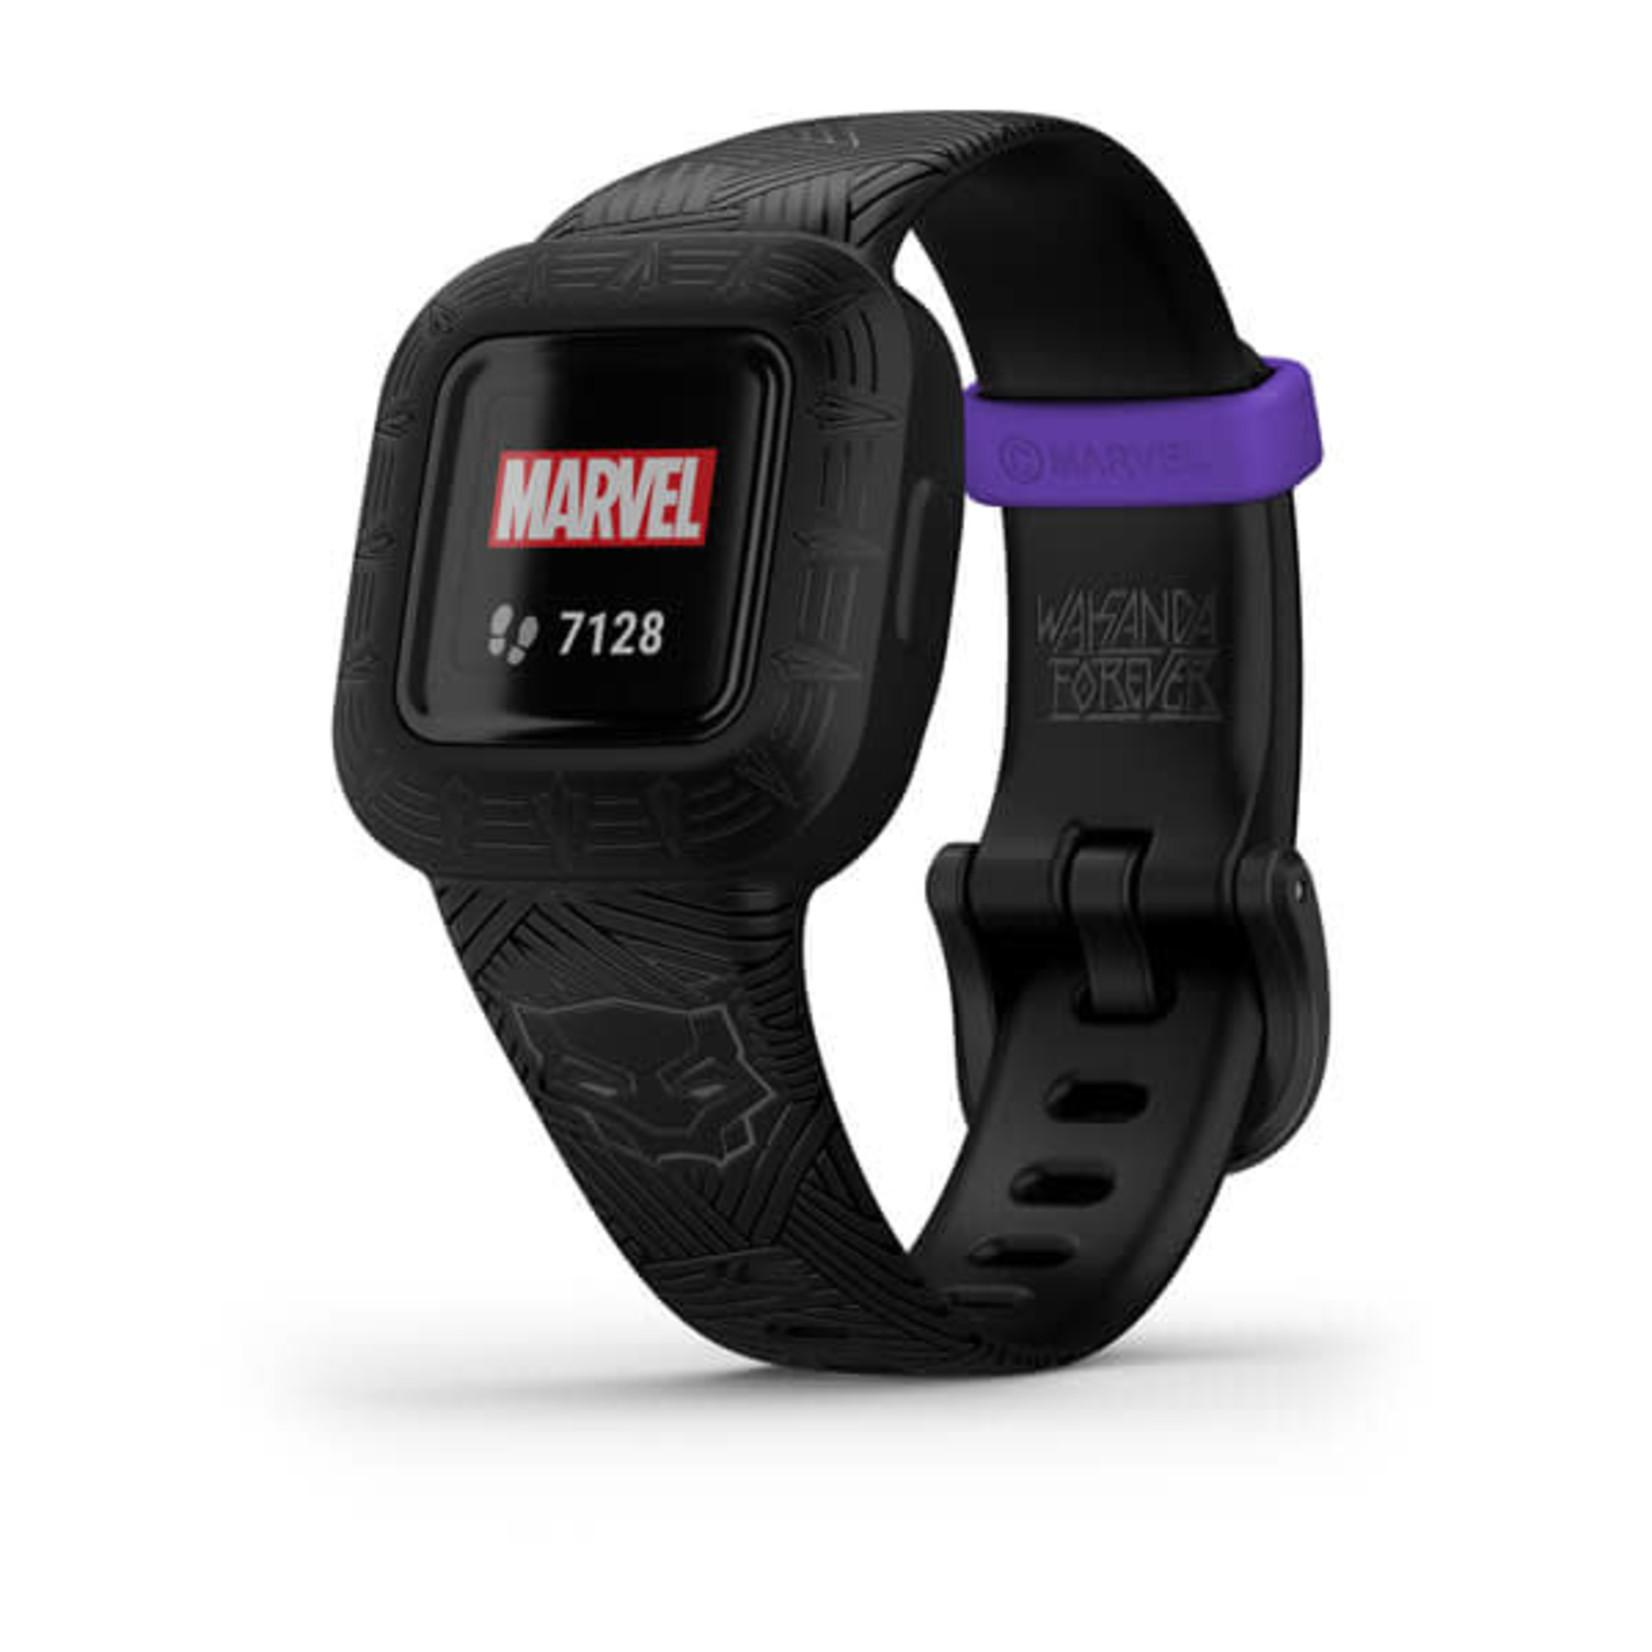 Garmin vivofit jr. 3 Marvel Activity Tracker